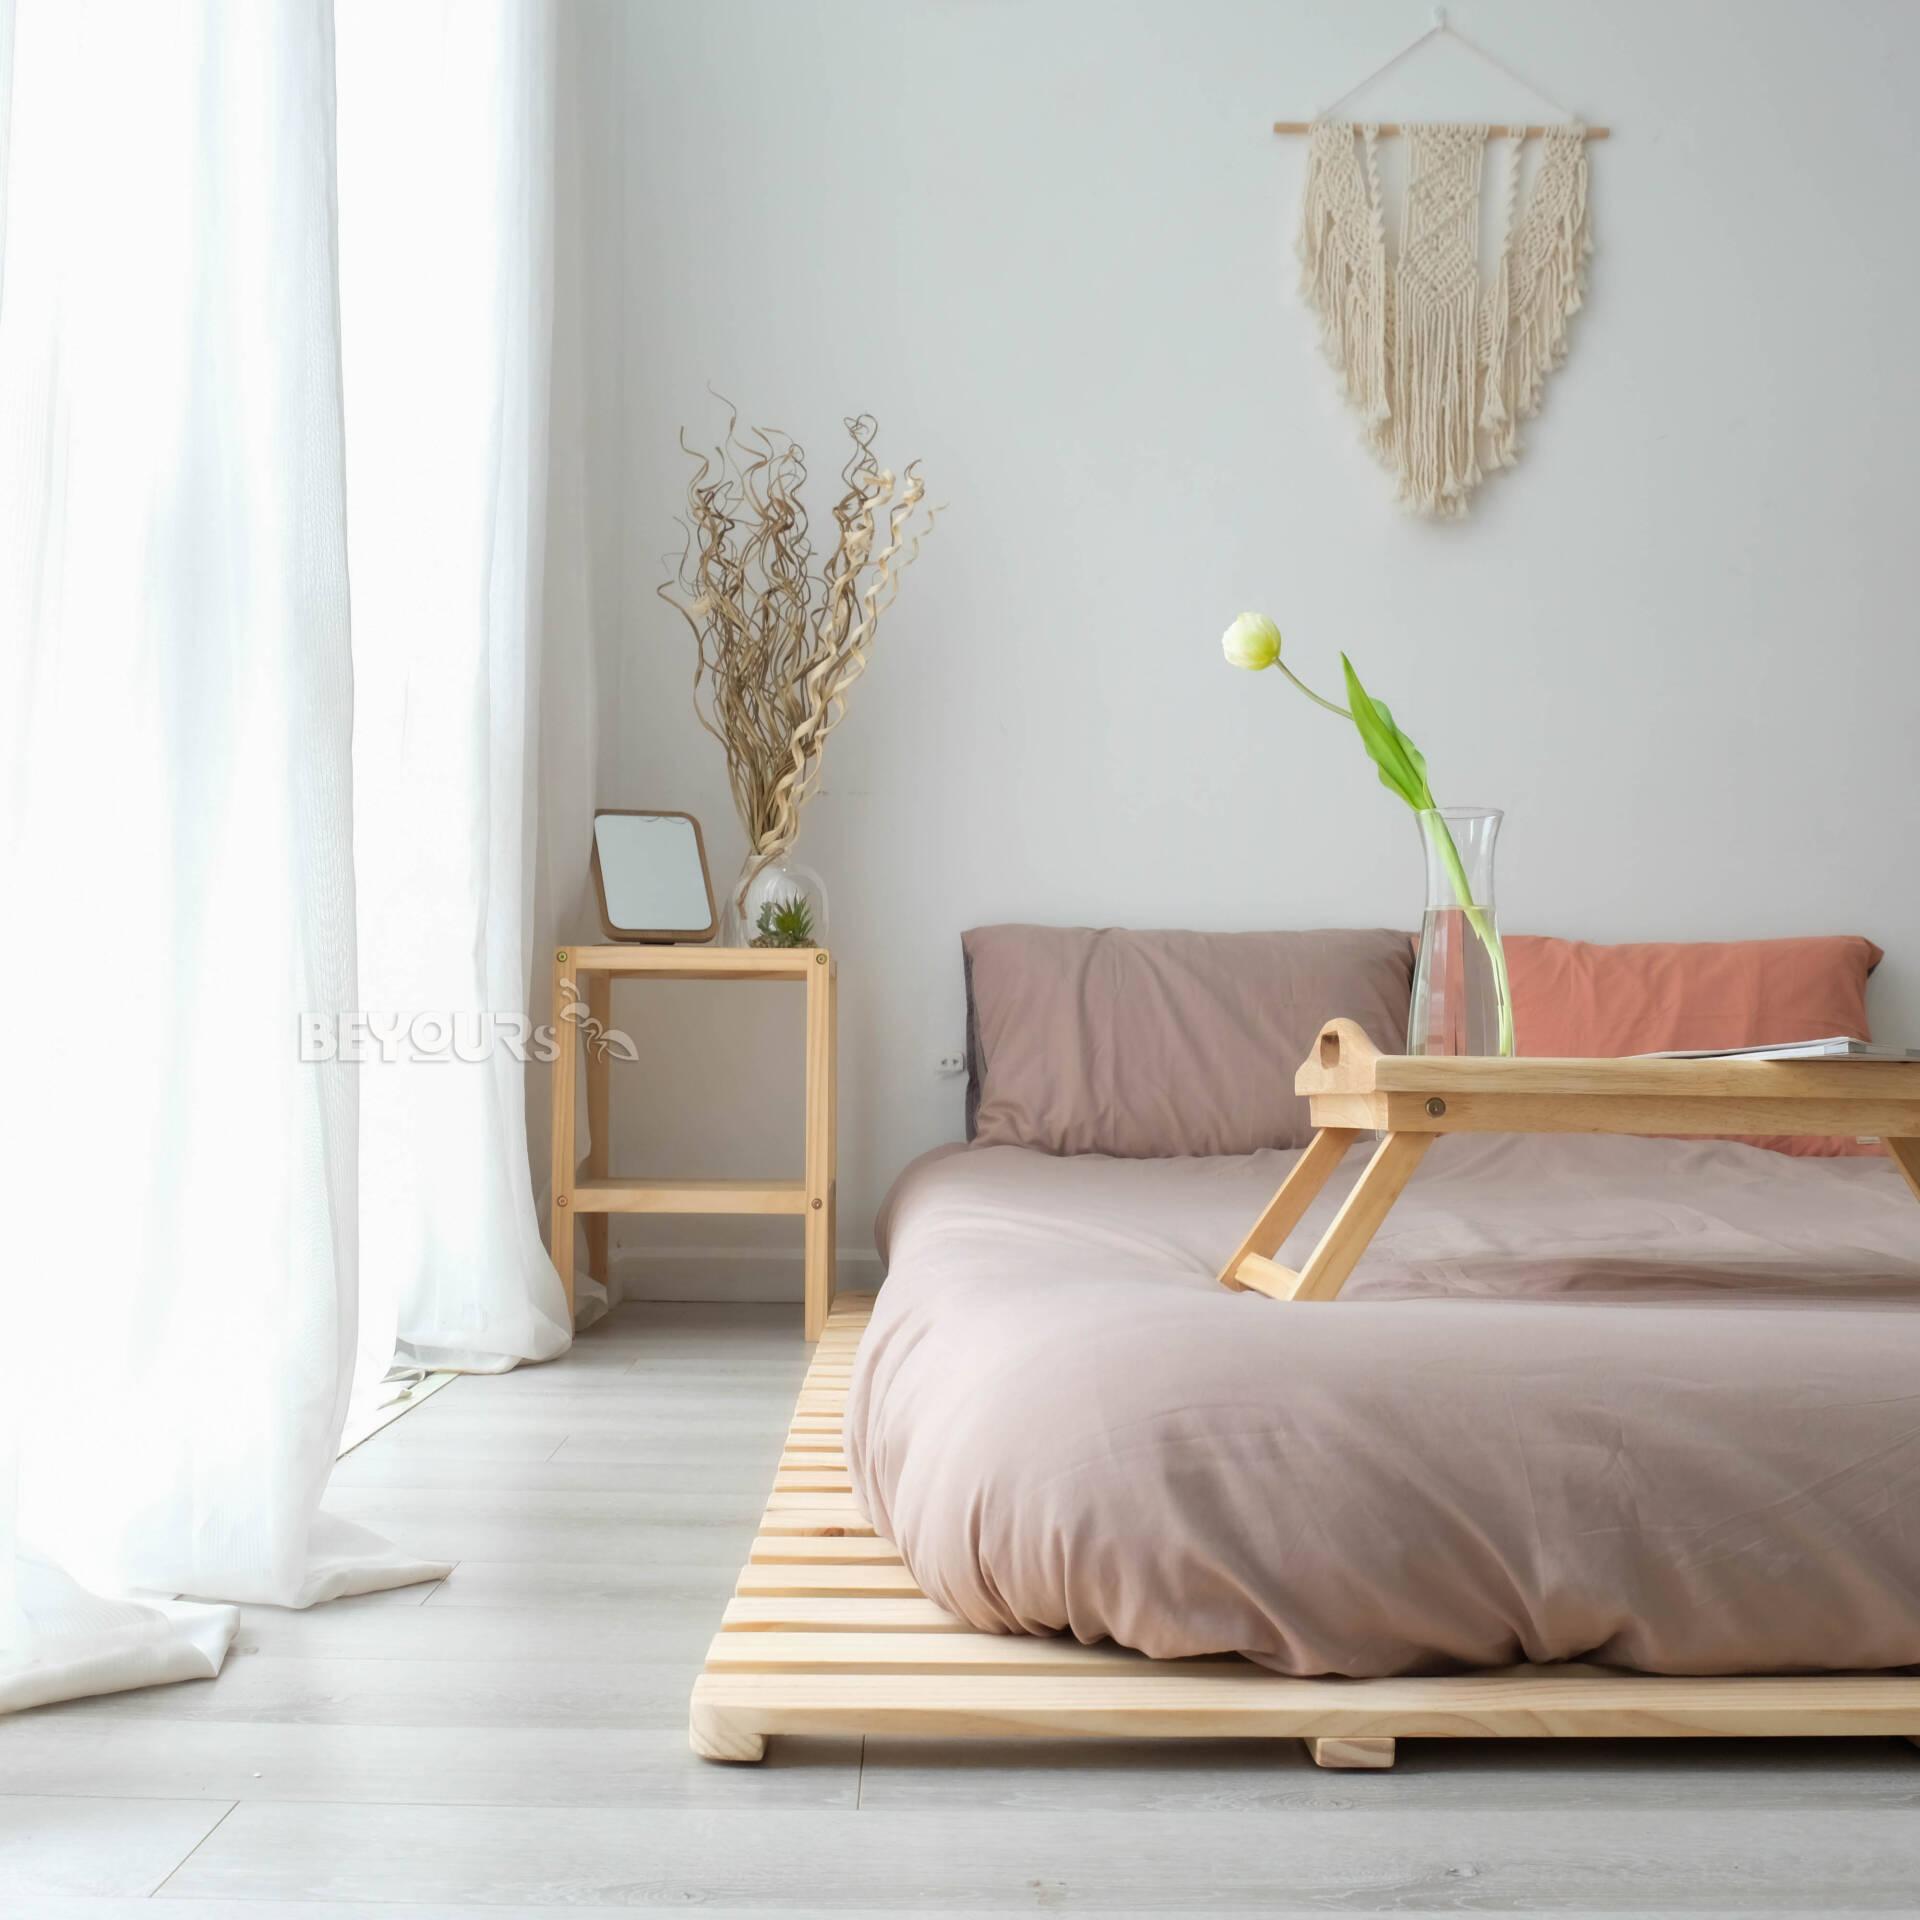 Skinny Pallet Bed là một trong những dòng sản phẩm bán chạy nhất của thương hiệu nội thất lắp ráp BEYOURs, có giá dao động trong khoảng từ 1 triệu - 2 triệu đồng